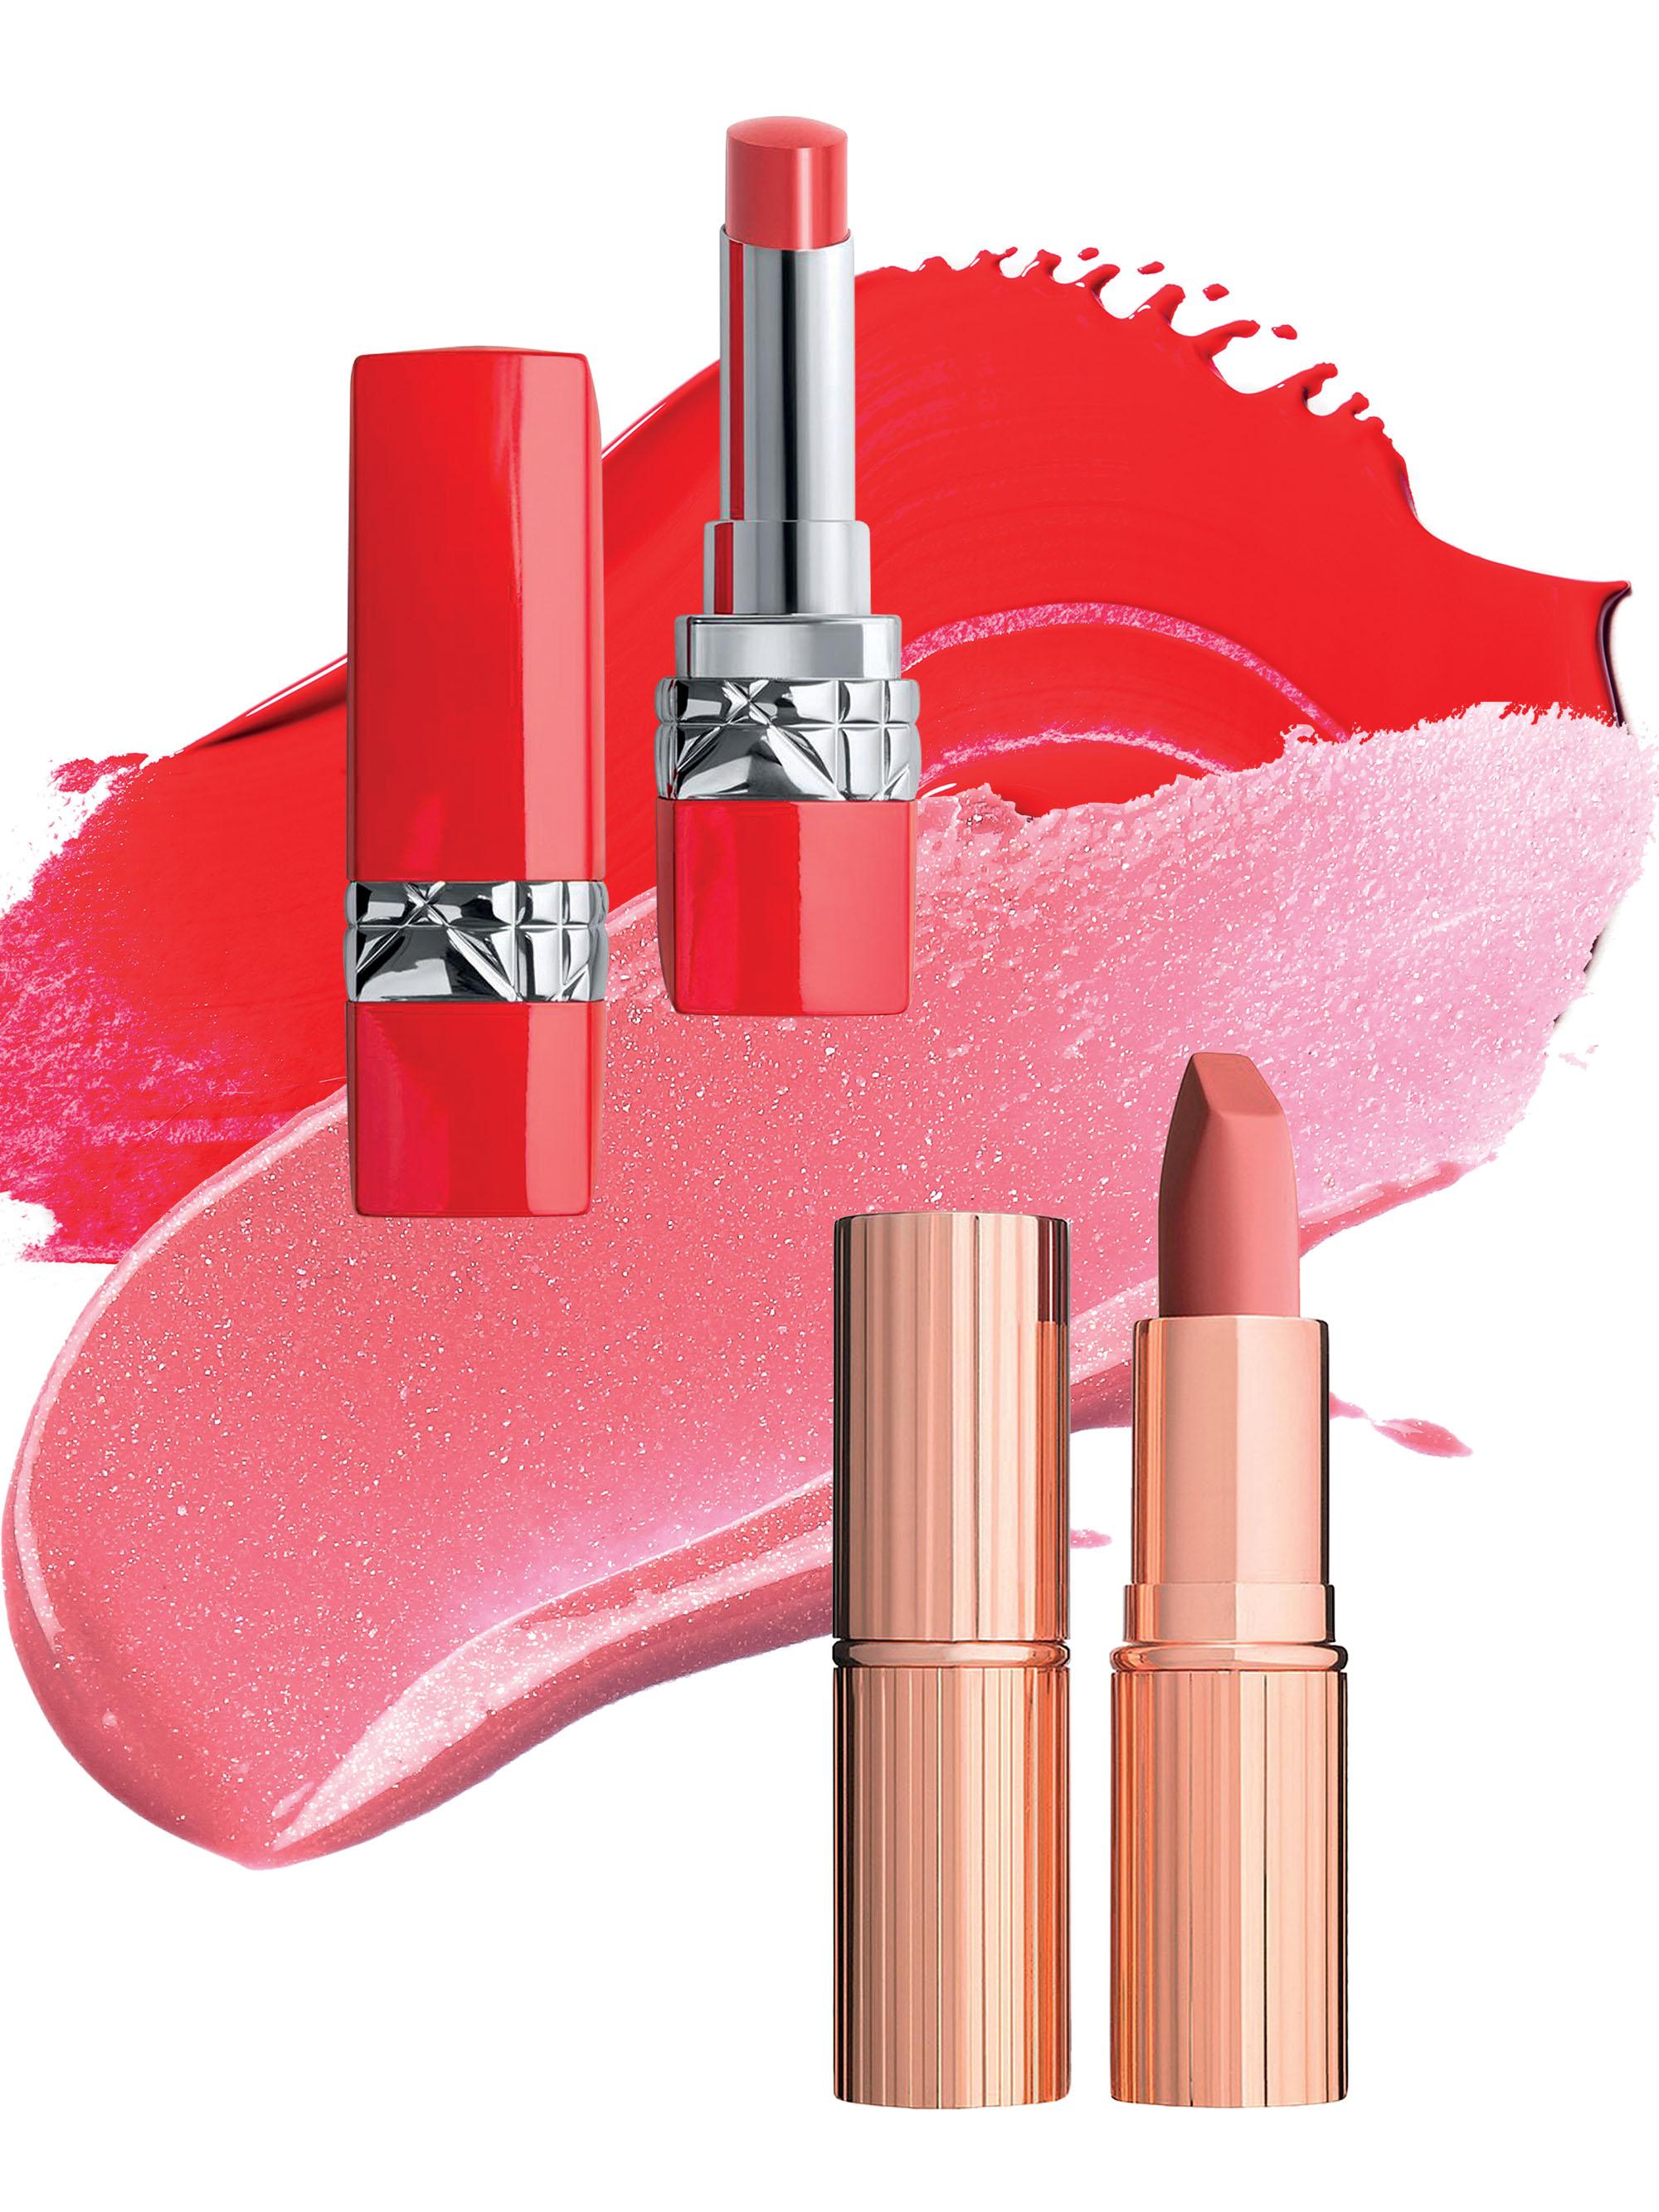 Charlotte Tilbury cũng làm mới màu son môi no.1 của cô: Pillow Talk trong phiên bản Diamonds Lipstick sáng lấp lánh như kim cương.